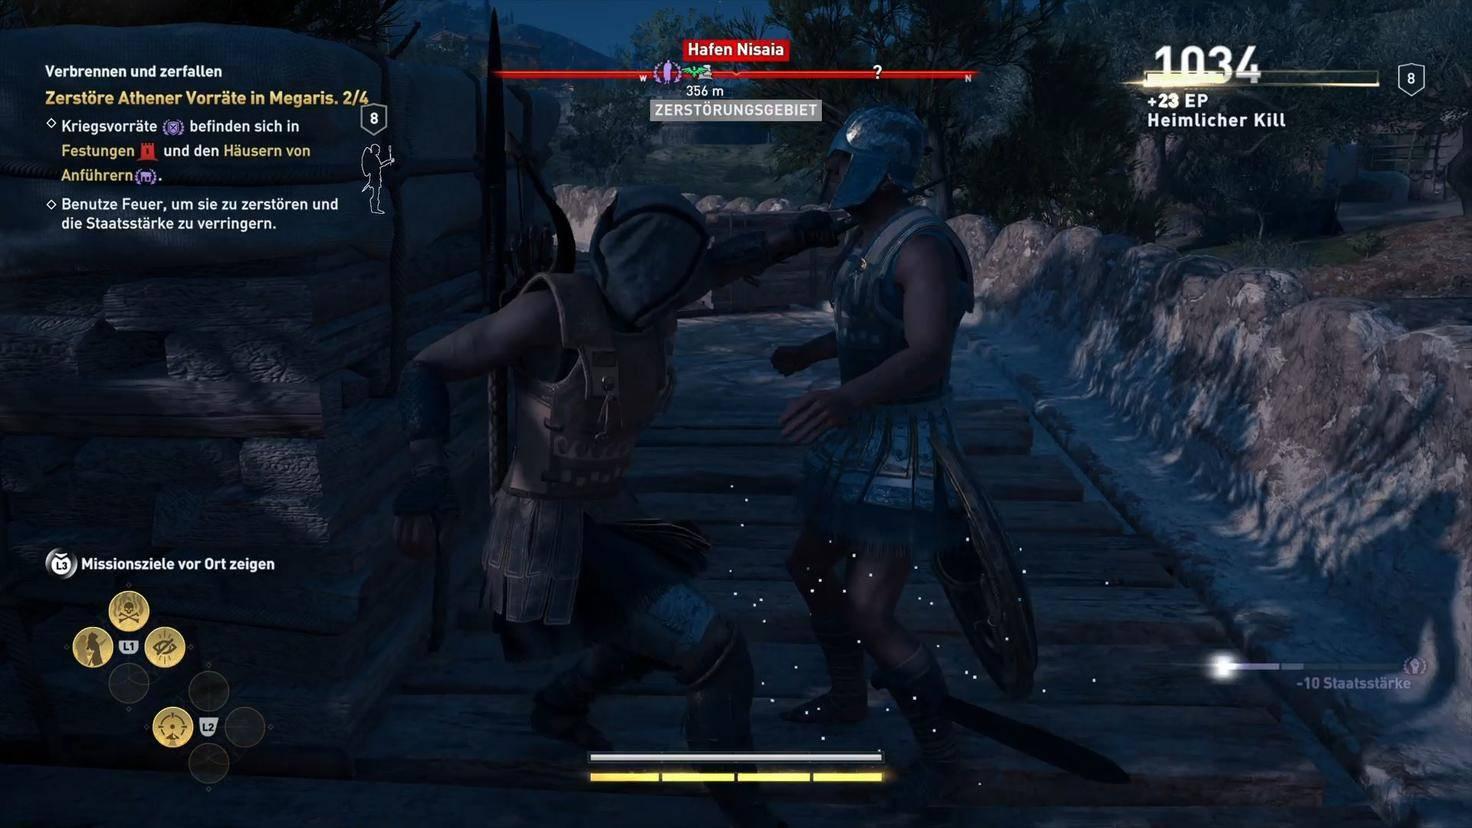 Für Sparta! Um die Athener zu schwächen, infiltriere ich den Hafen von Nisaia